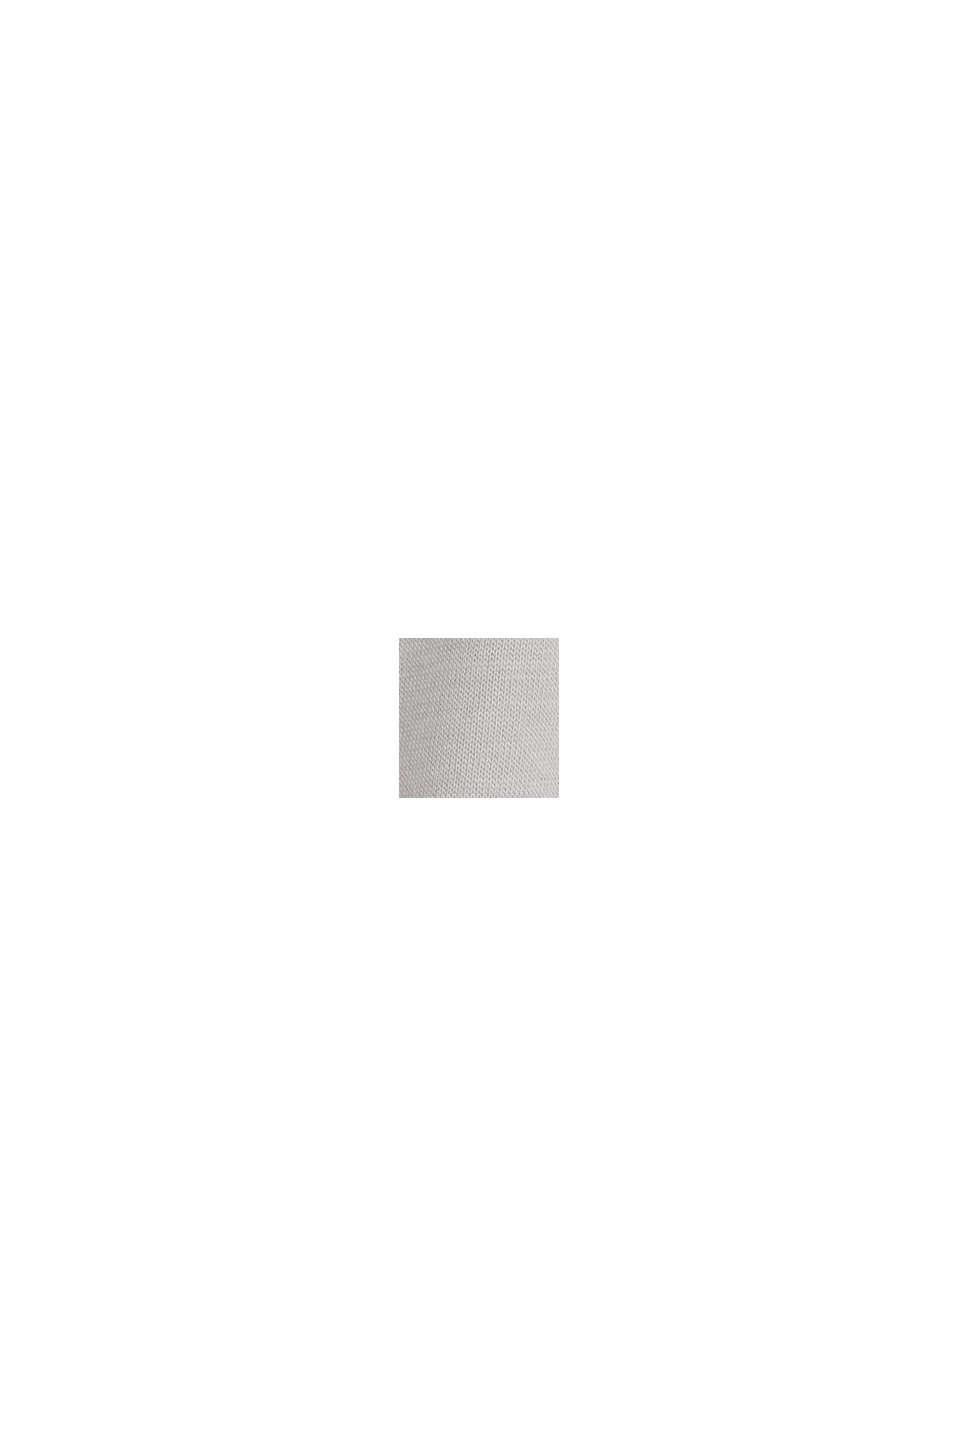 Koszulka z dżerseju wyprodukowanego z lyocellu (TENCELU™) i wełny, LIGHT GREY, swatch